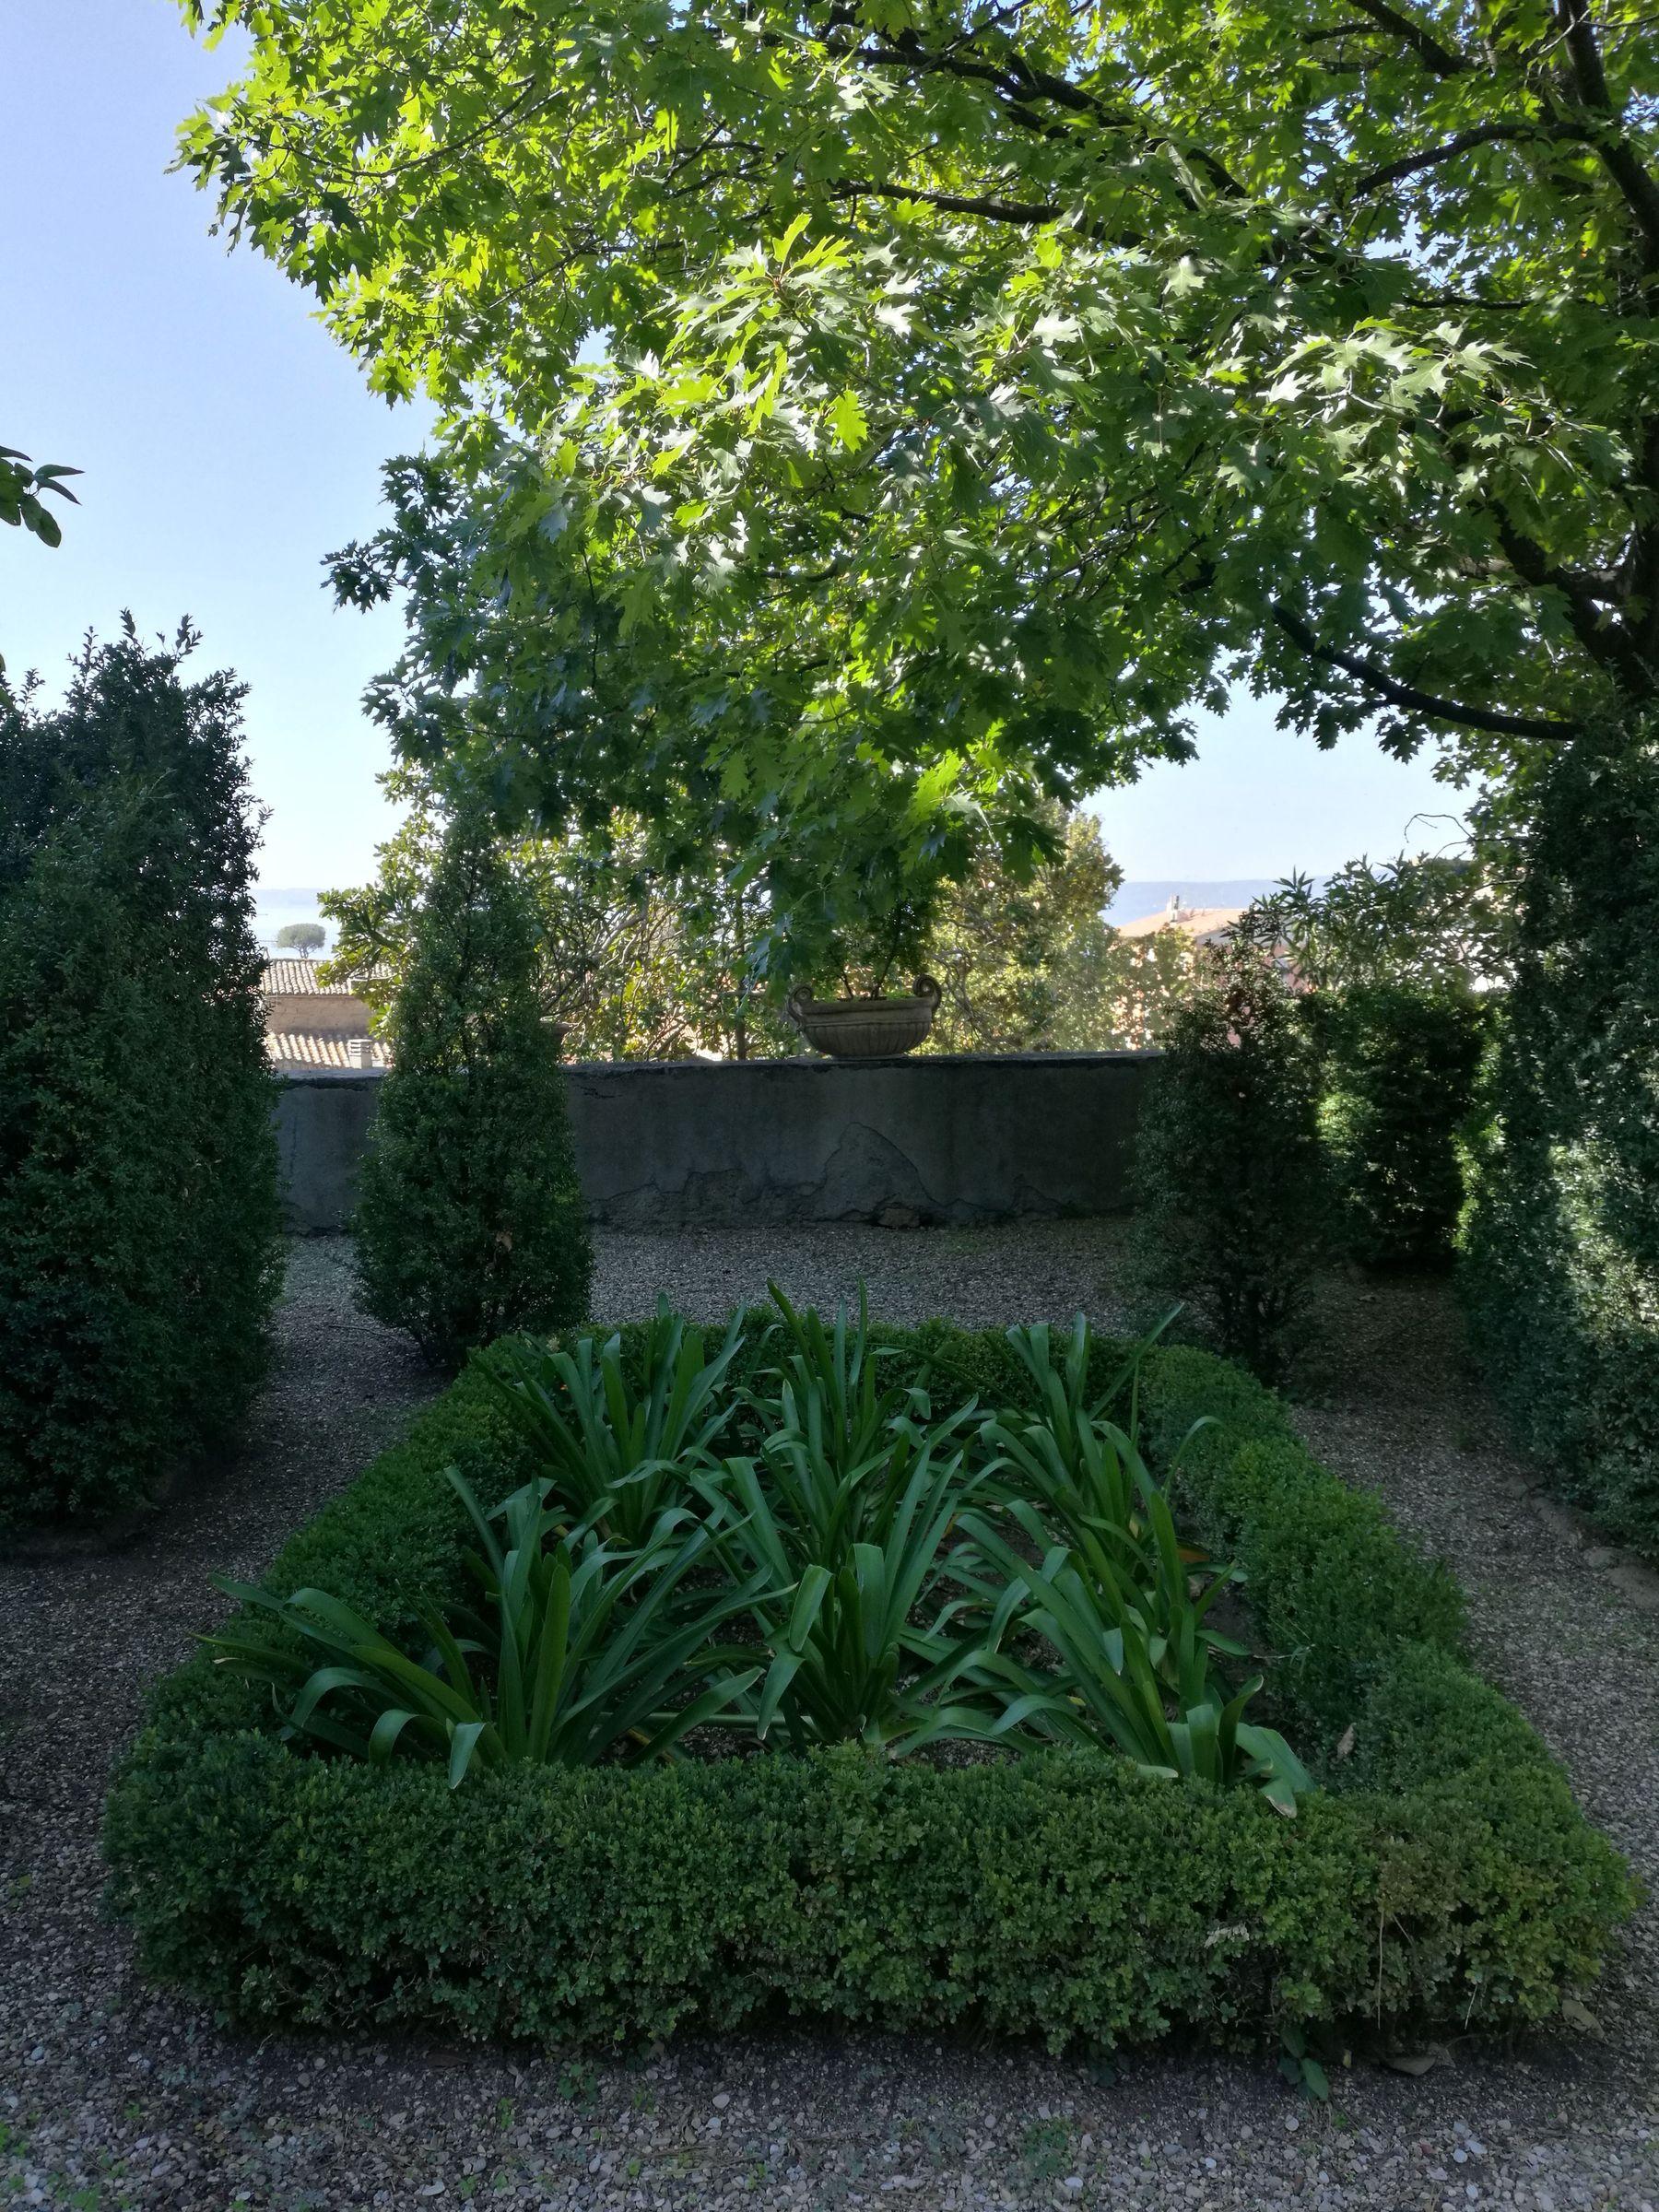 Palazzo Del Drago Blossom zine viaggio Promo Tuscia (4).jpg